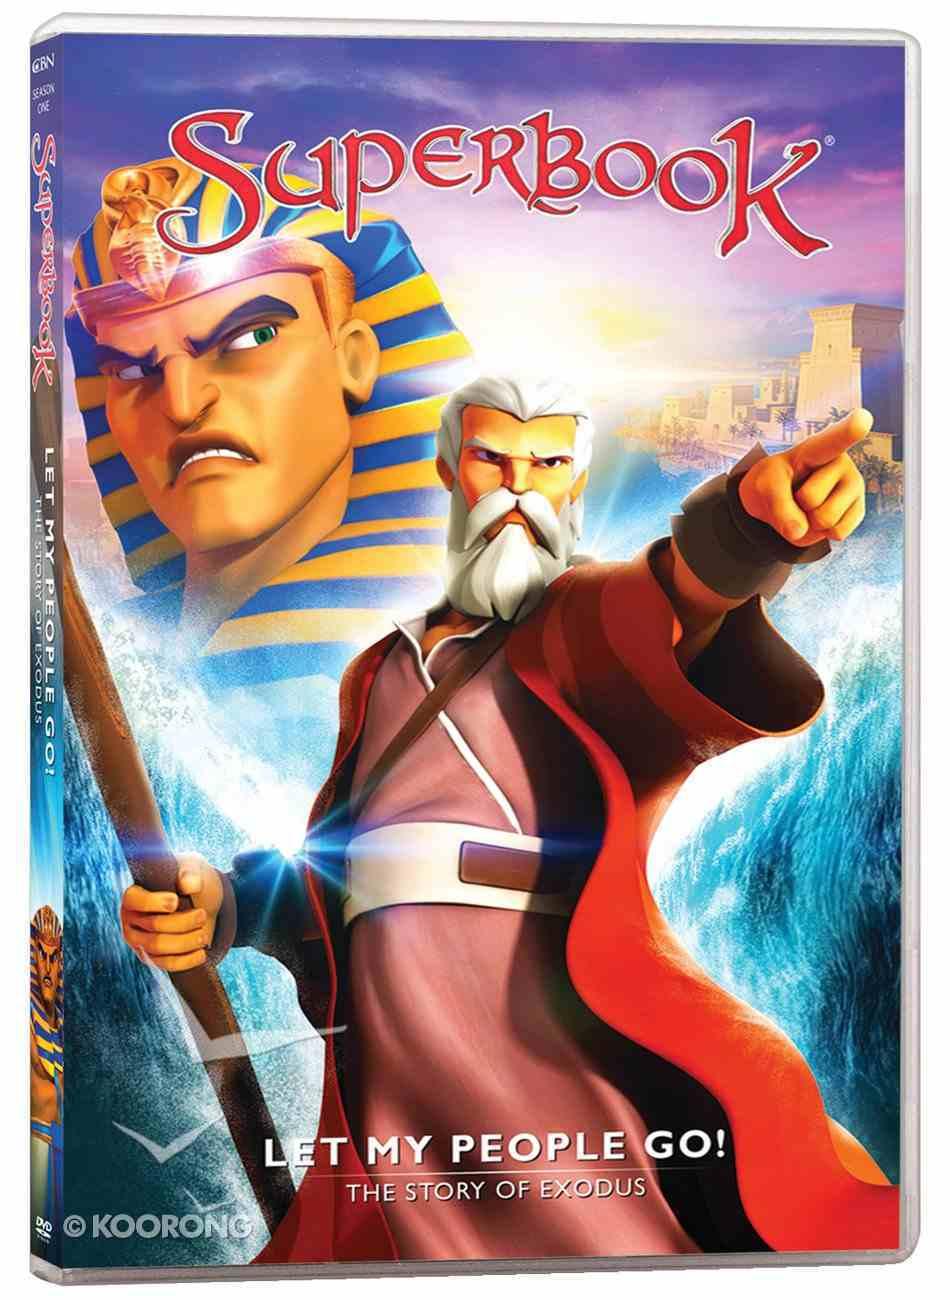 Let My People Go! - the Story of Exodus (#06 in Superbook Dvd Series Season 01) DVD